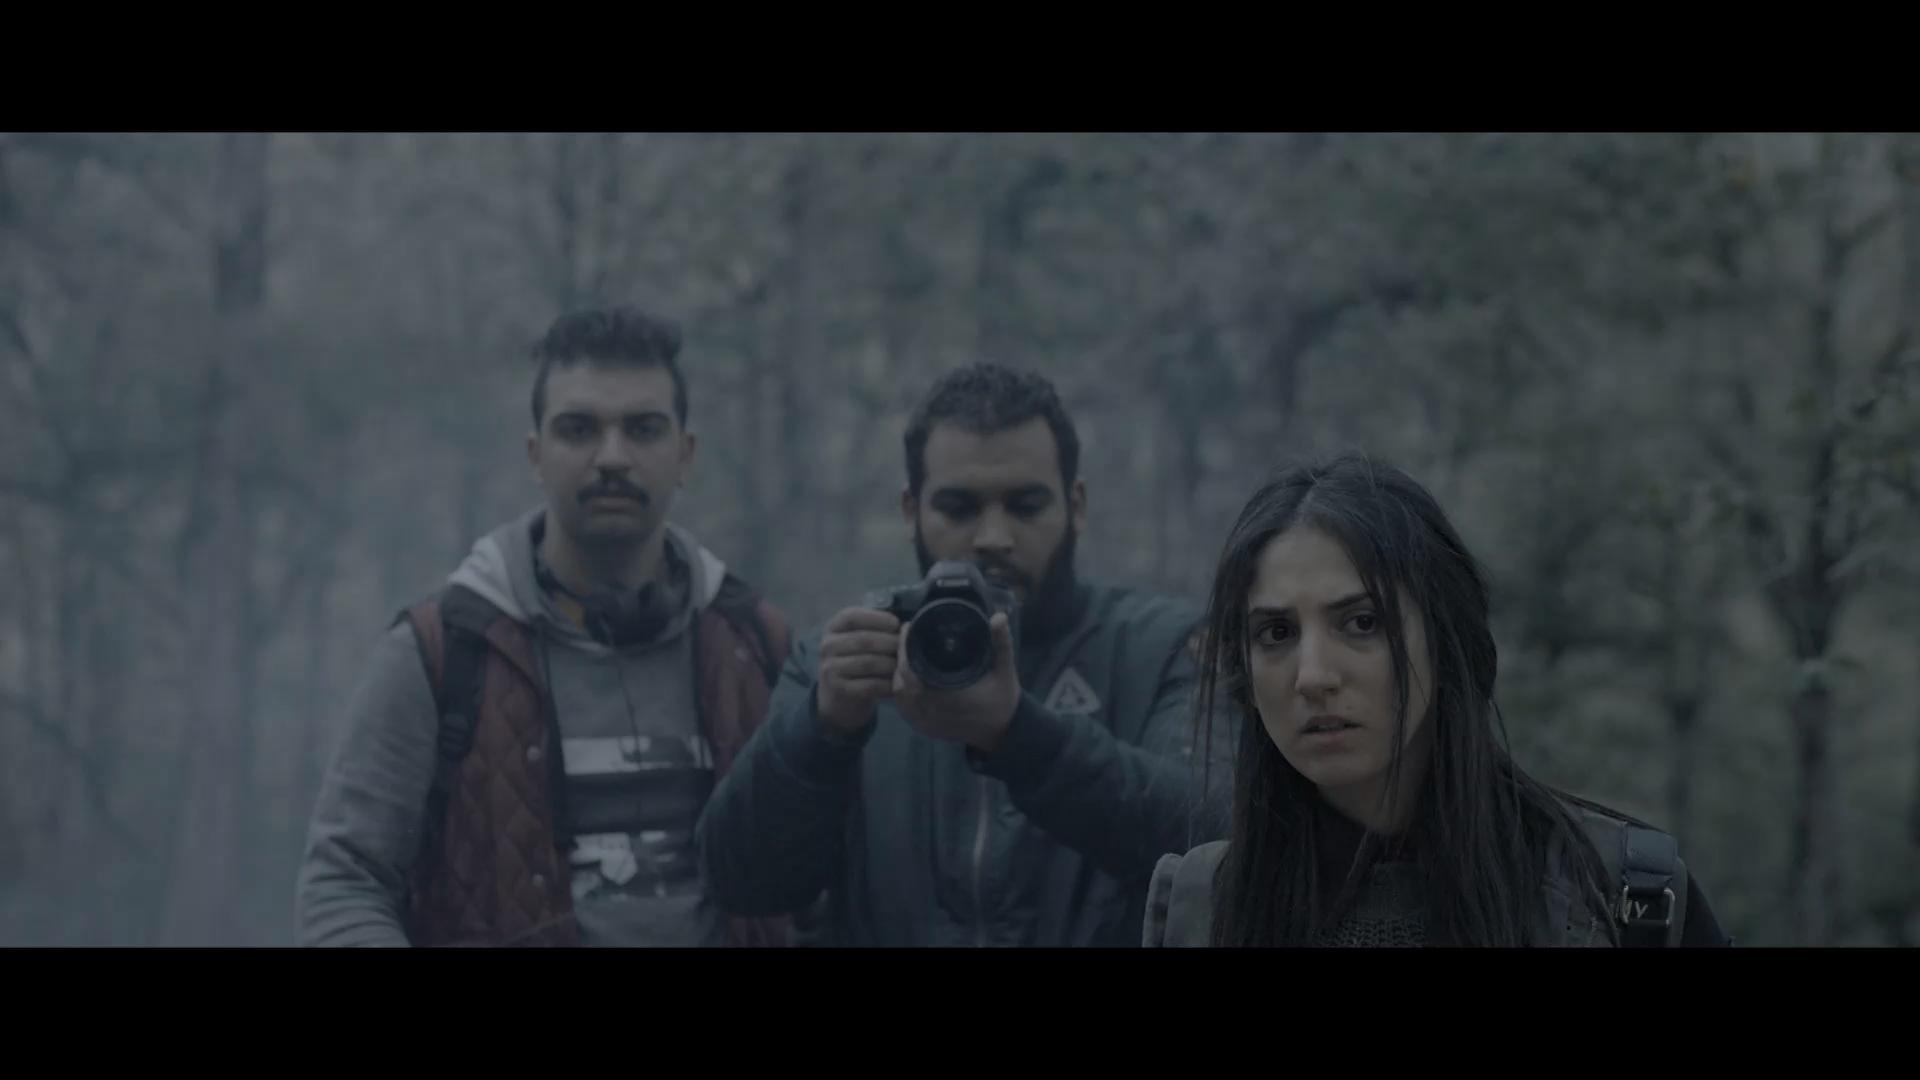 [فيلم][تورنت][تحميل][دشرة][2018][1080p][Web-DL][تونسي] 3 arabp2p.com